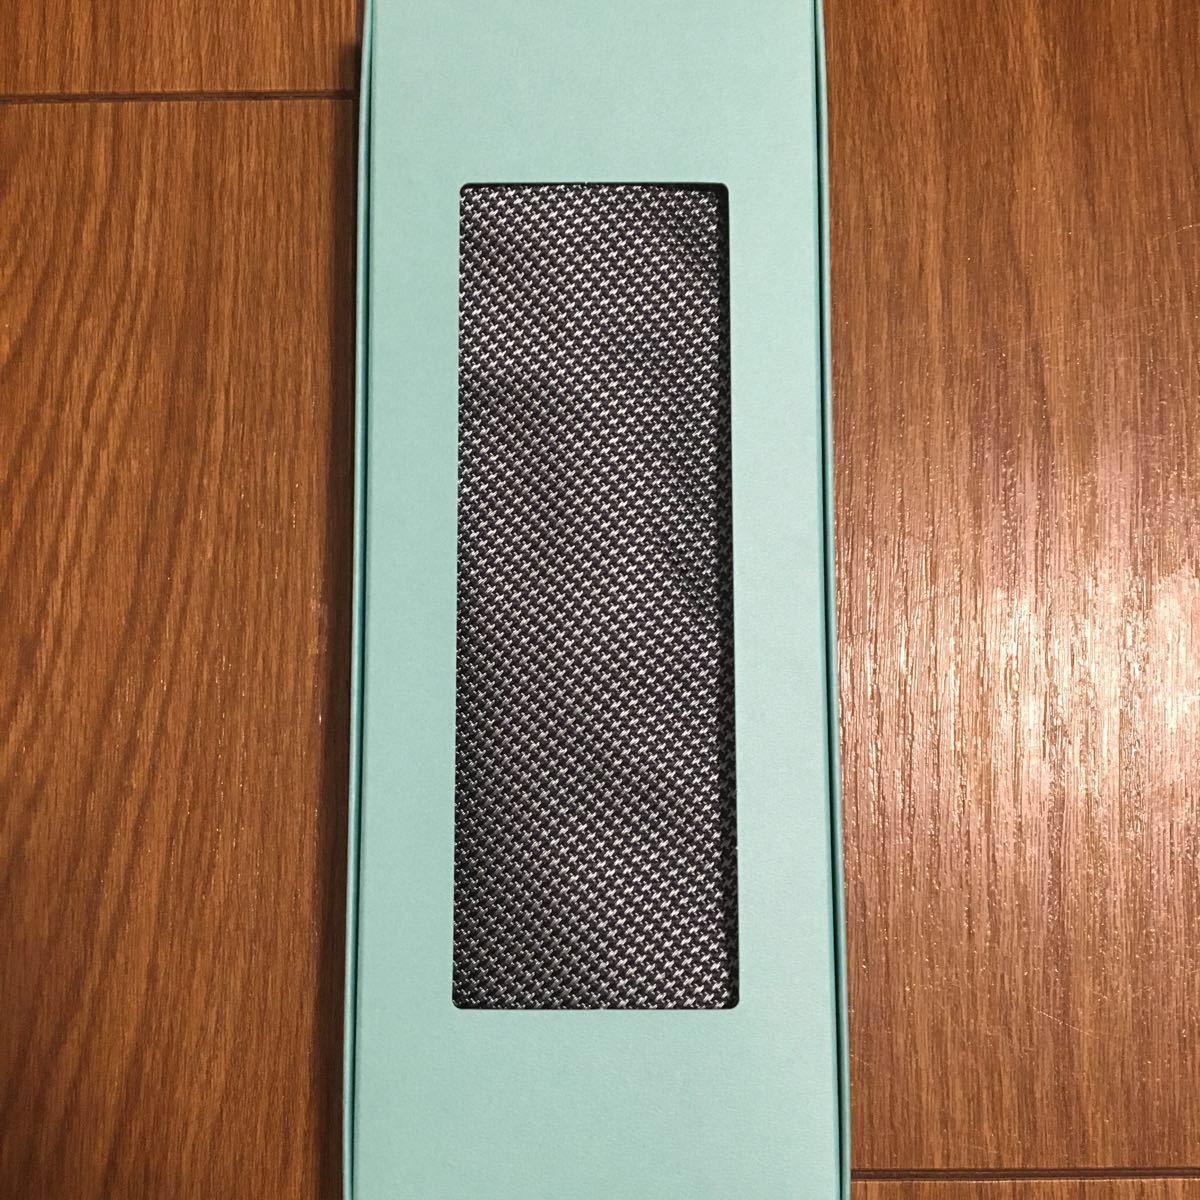 新品未使用・入手不可 Tiffany & Co. ティファニー イタリア製Made in Italy シルク100% ネクタイ ティファニーブルー_画像2